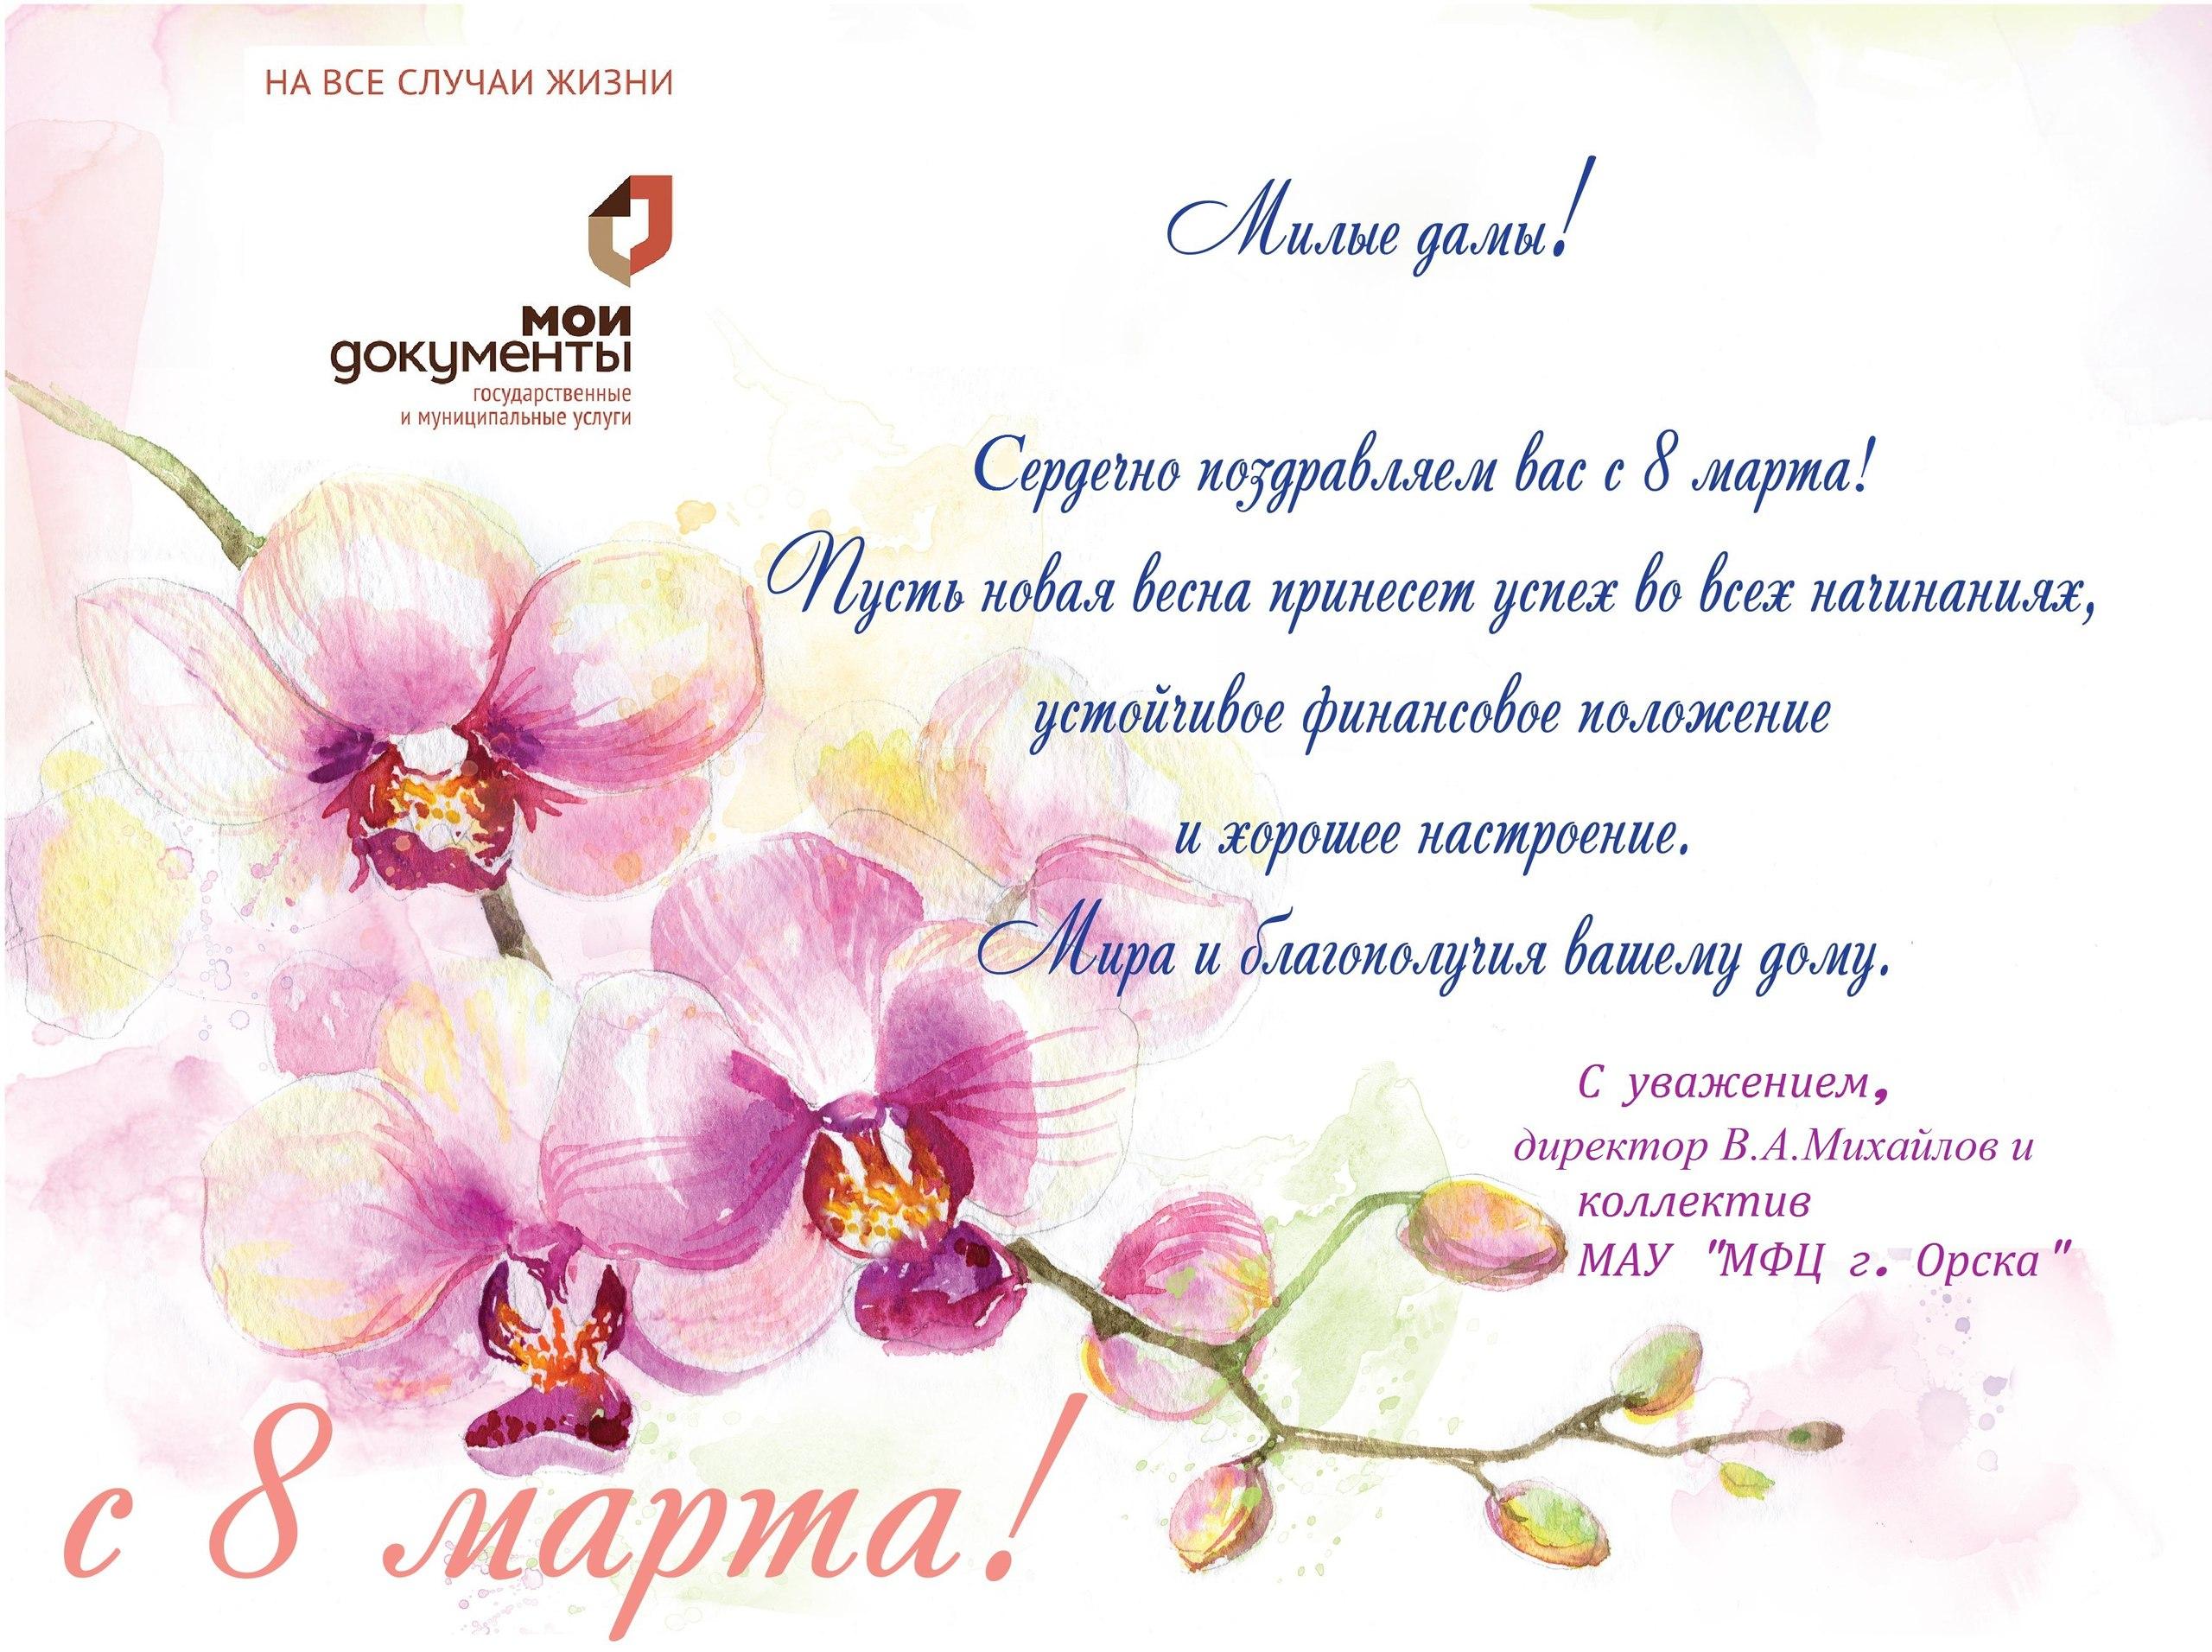 Поздравления с 8 марта бизнес леди своими словами